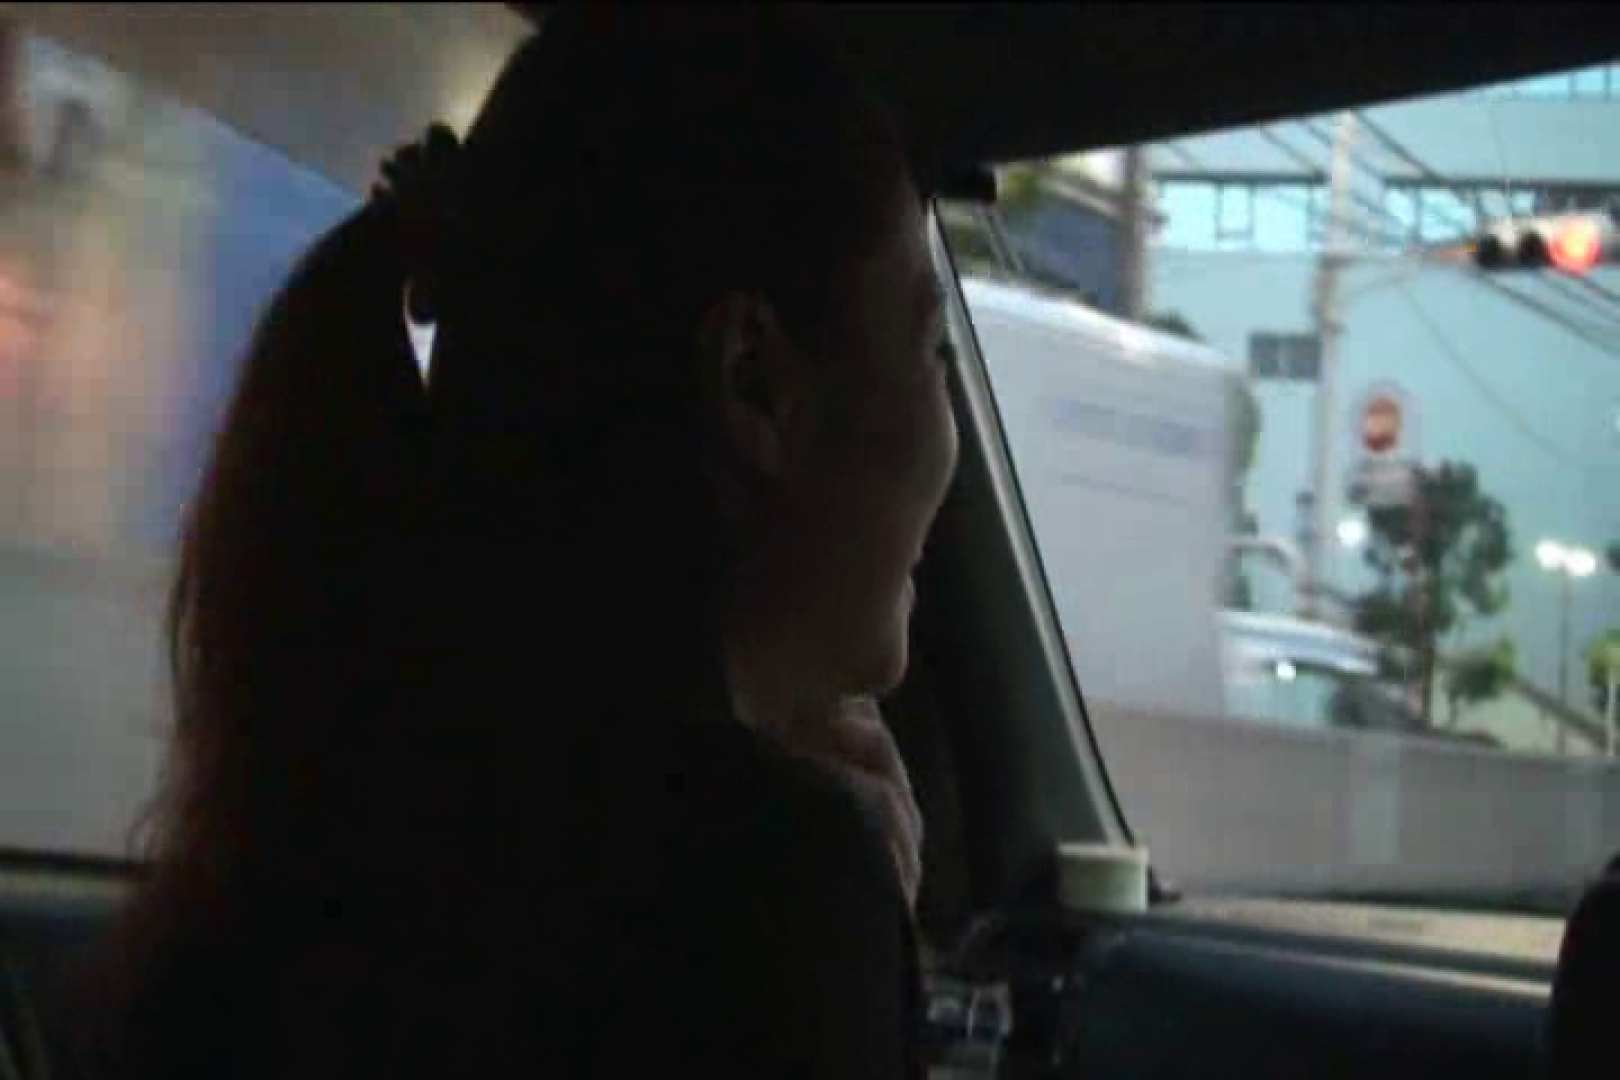 車内で初めまして! vol01 OLのエロ生活  105連発 35